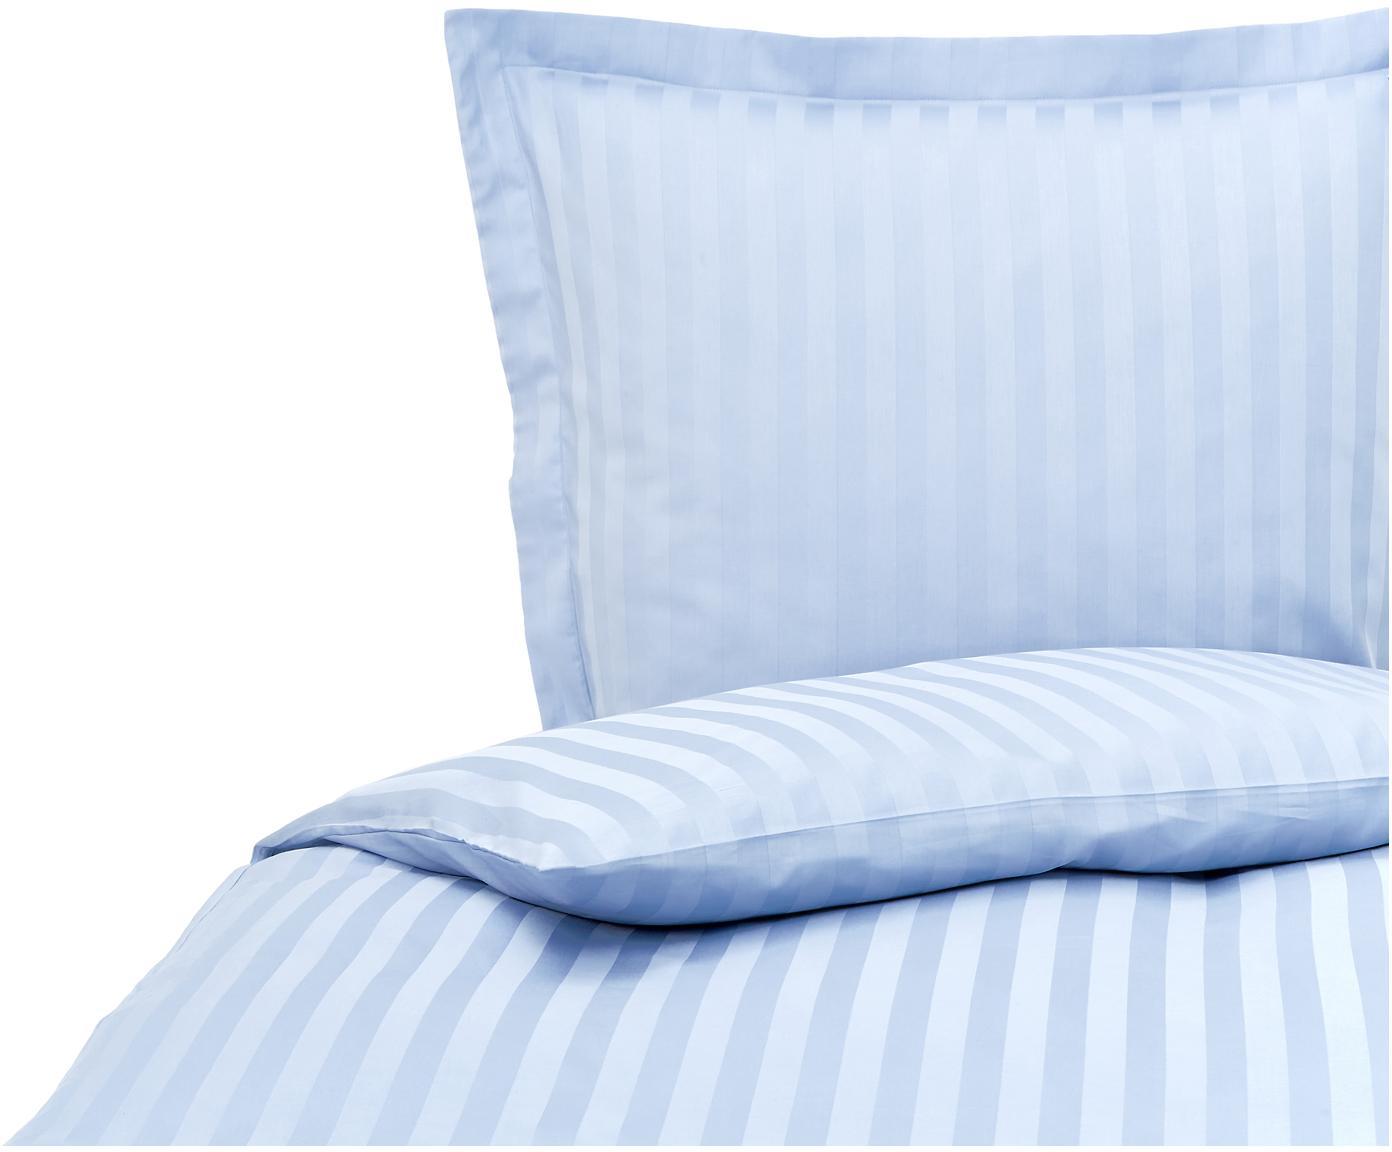 Satinstreifen-Bettwäsche Linea in Hellblau, Webart: Satin Baumwollsatin wird , Hellblau, 135 x 200 cm + 1 Kissen 80 x 80 cm